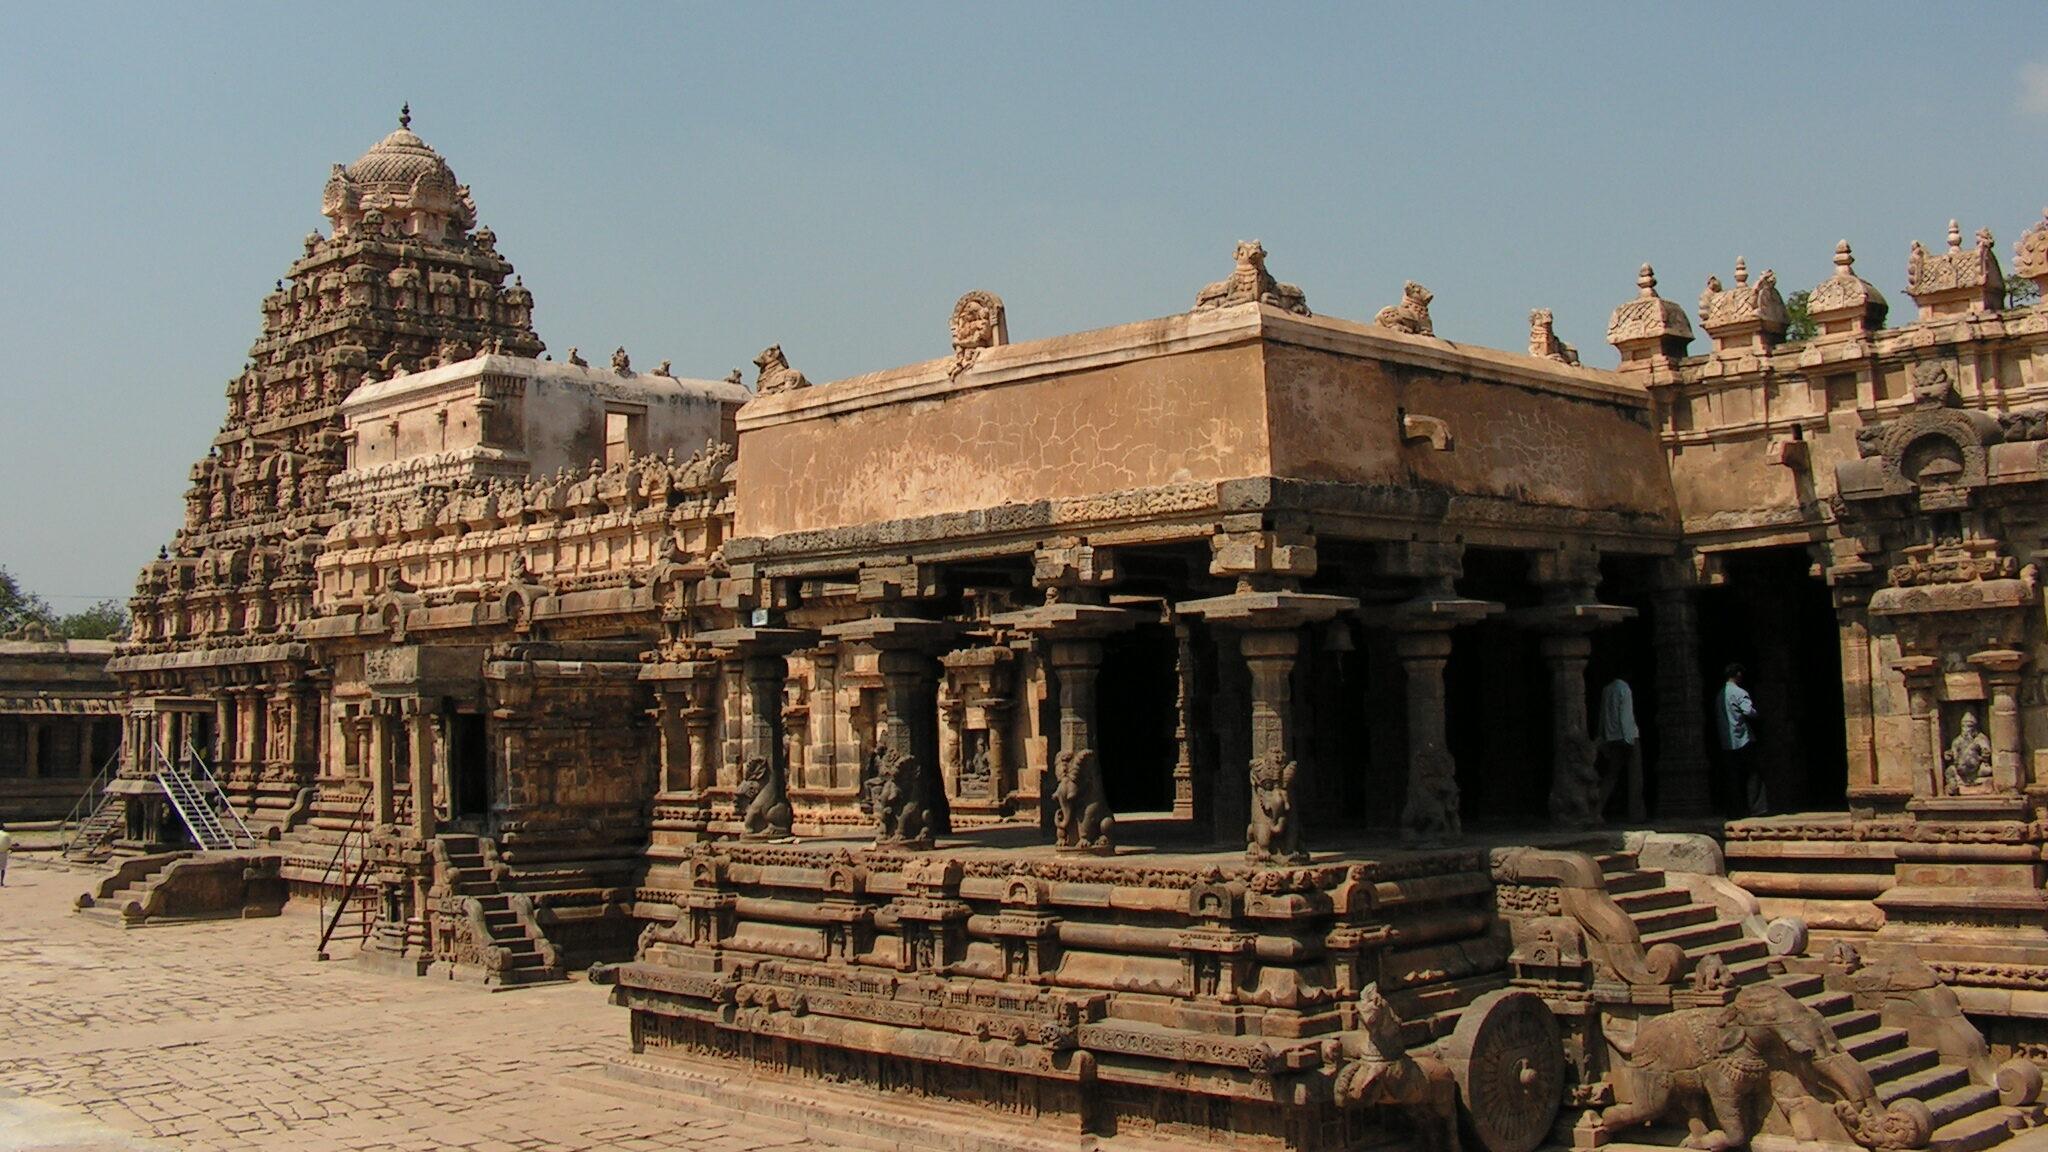 ऐरावतेश्वर मंदिर: जहां इंद्र का हाथी ऐरावत हुआ श्राप से मुक्त